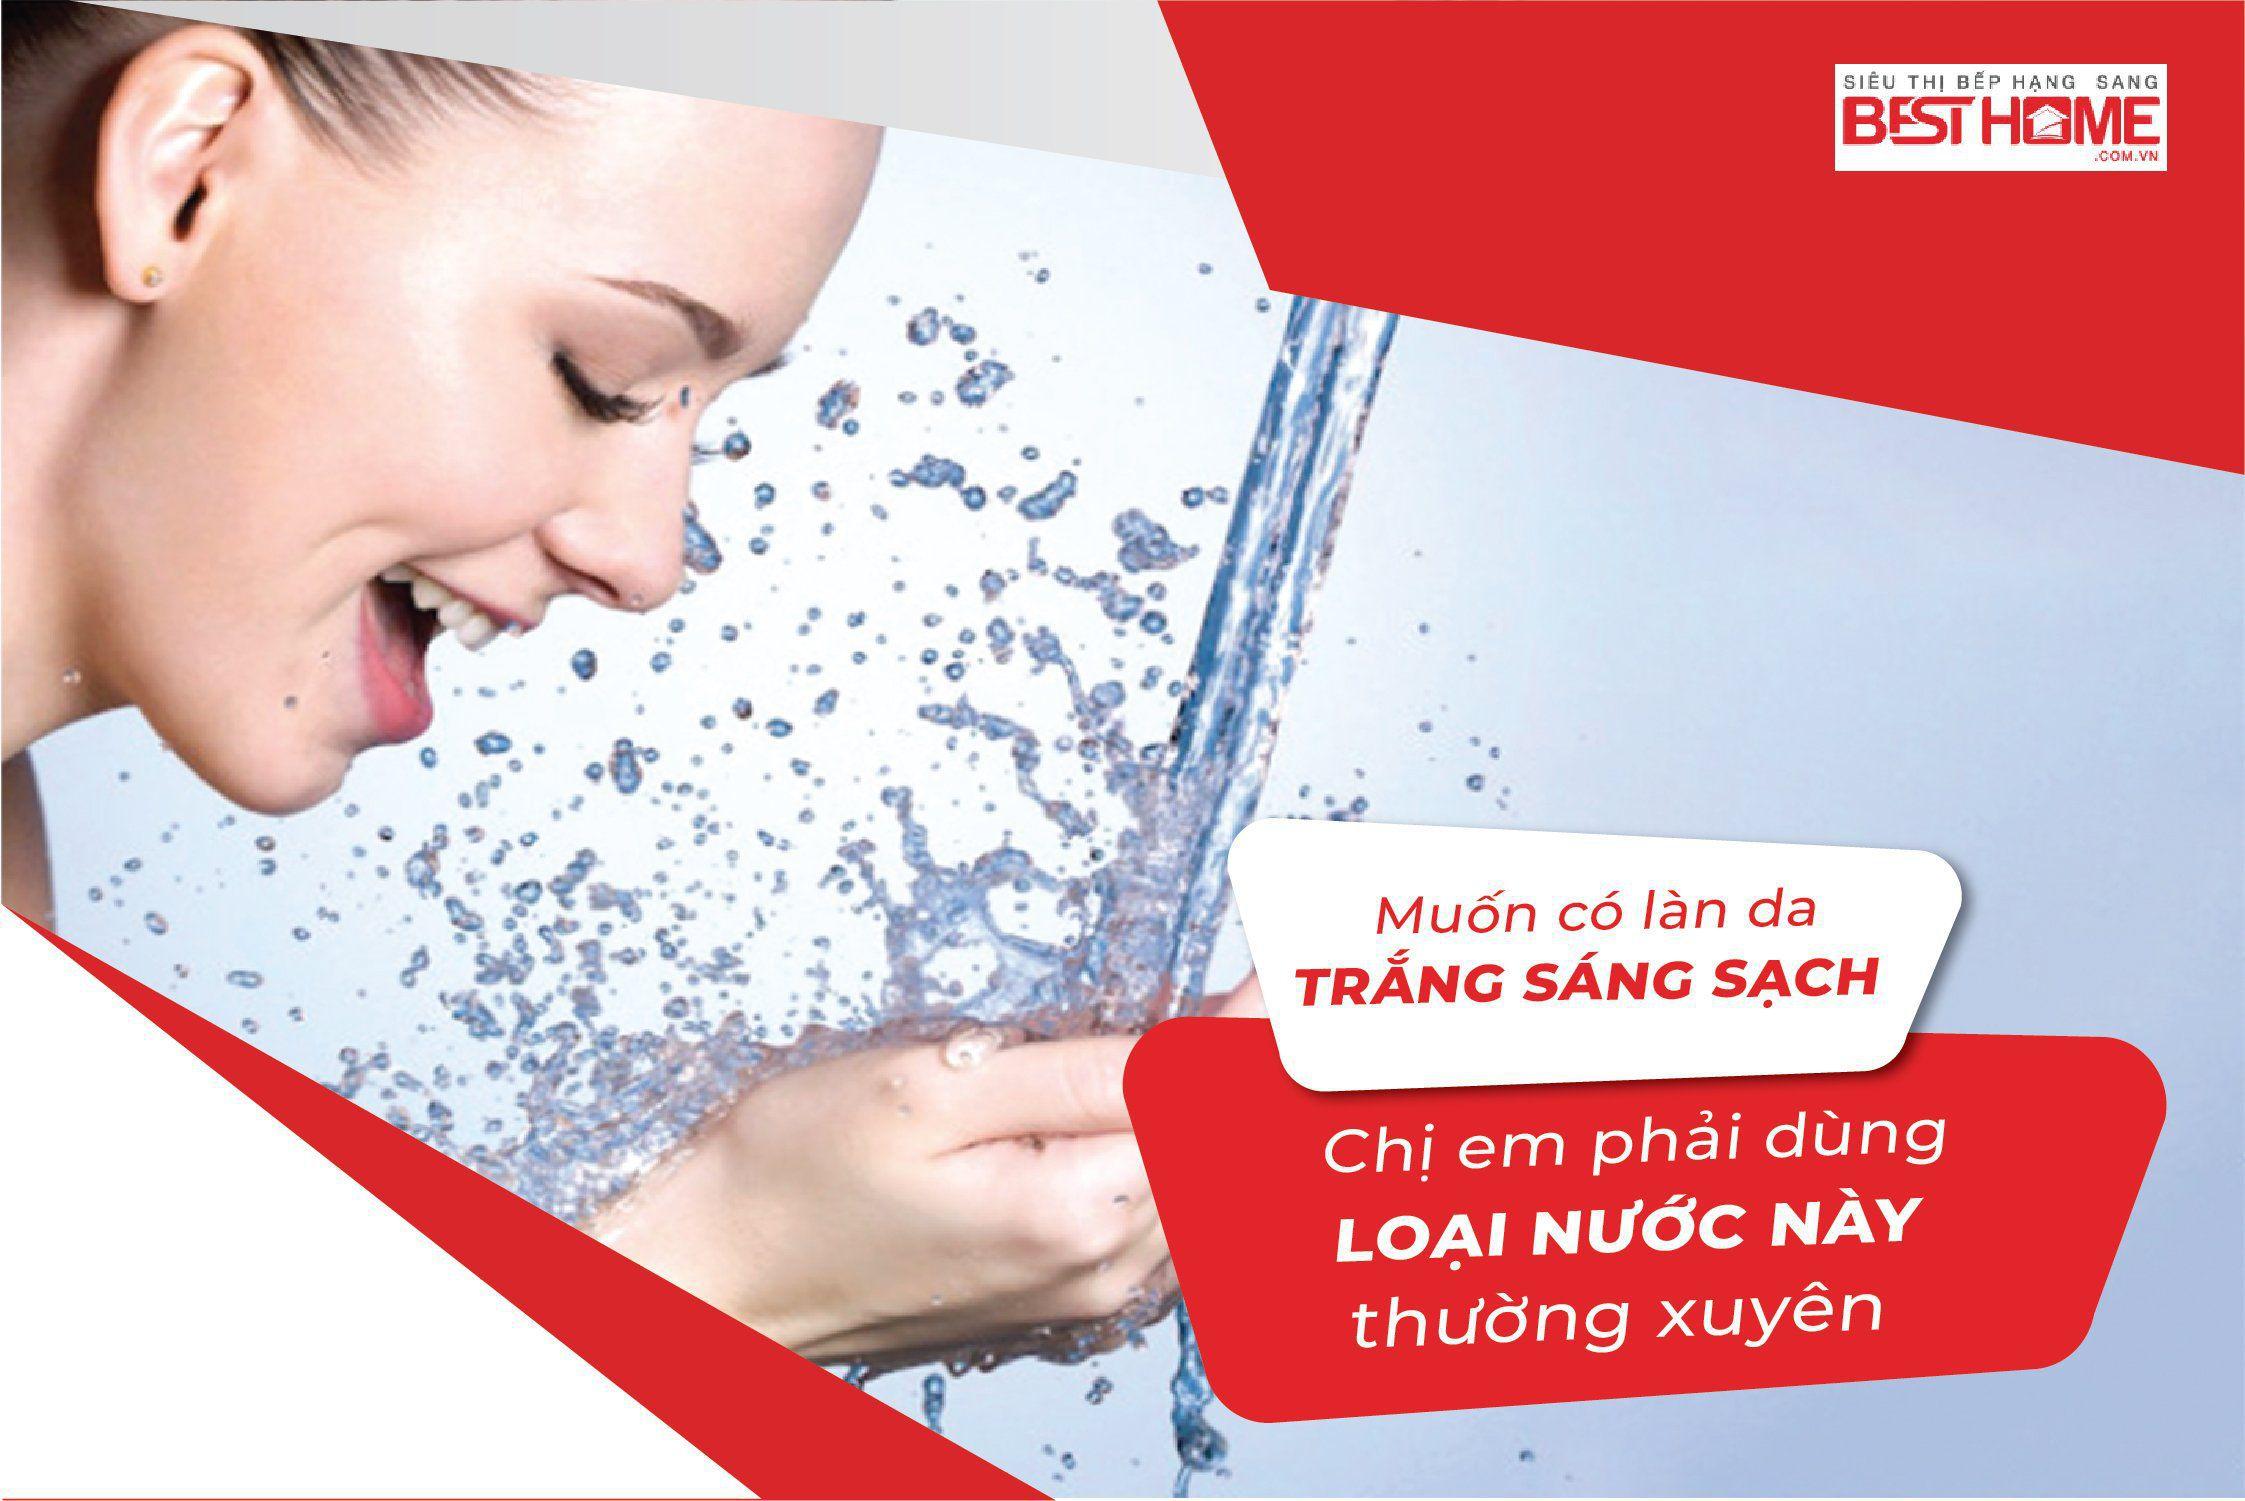 Muốn có làn da trắng sáng sạch, chị em phải dùng loại nước này thường xuyên